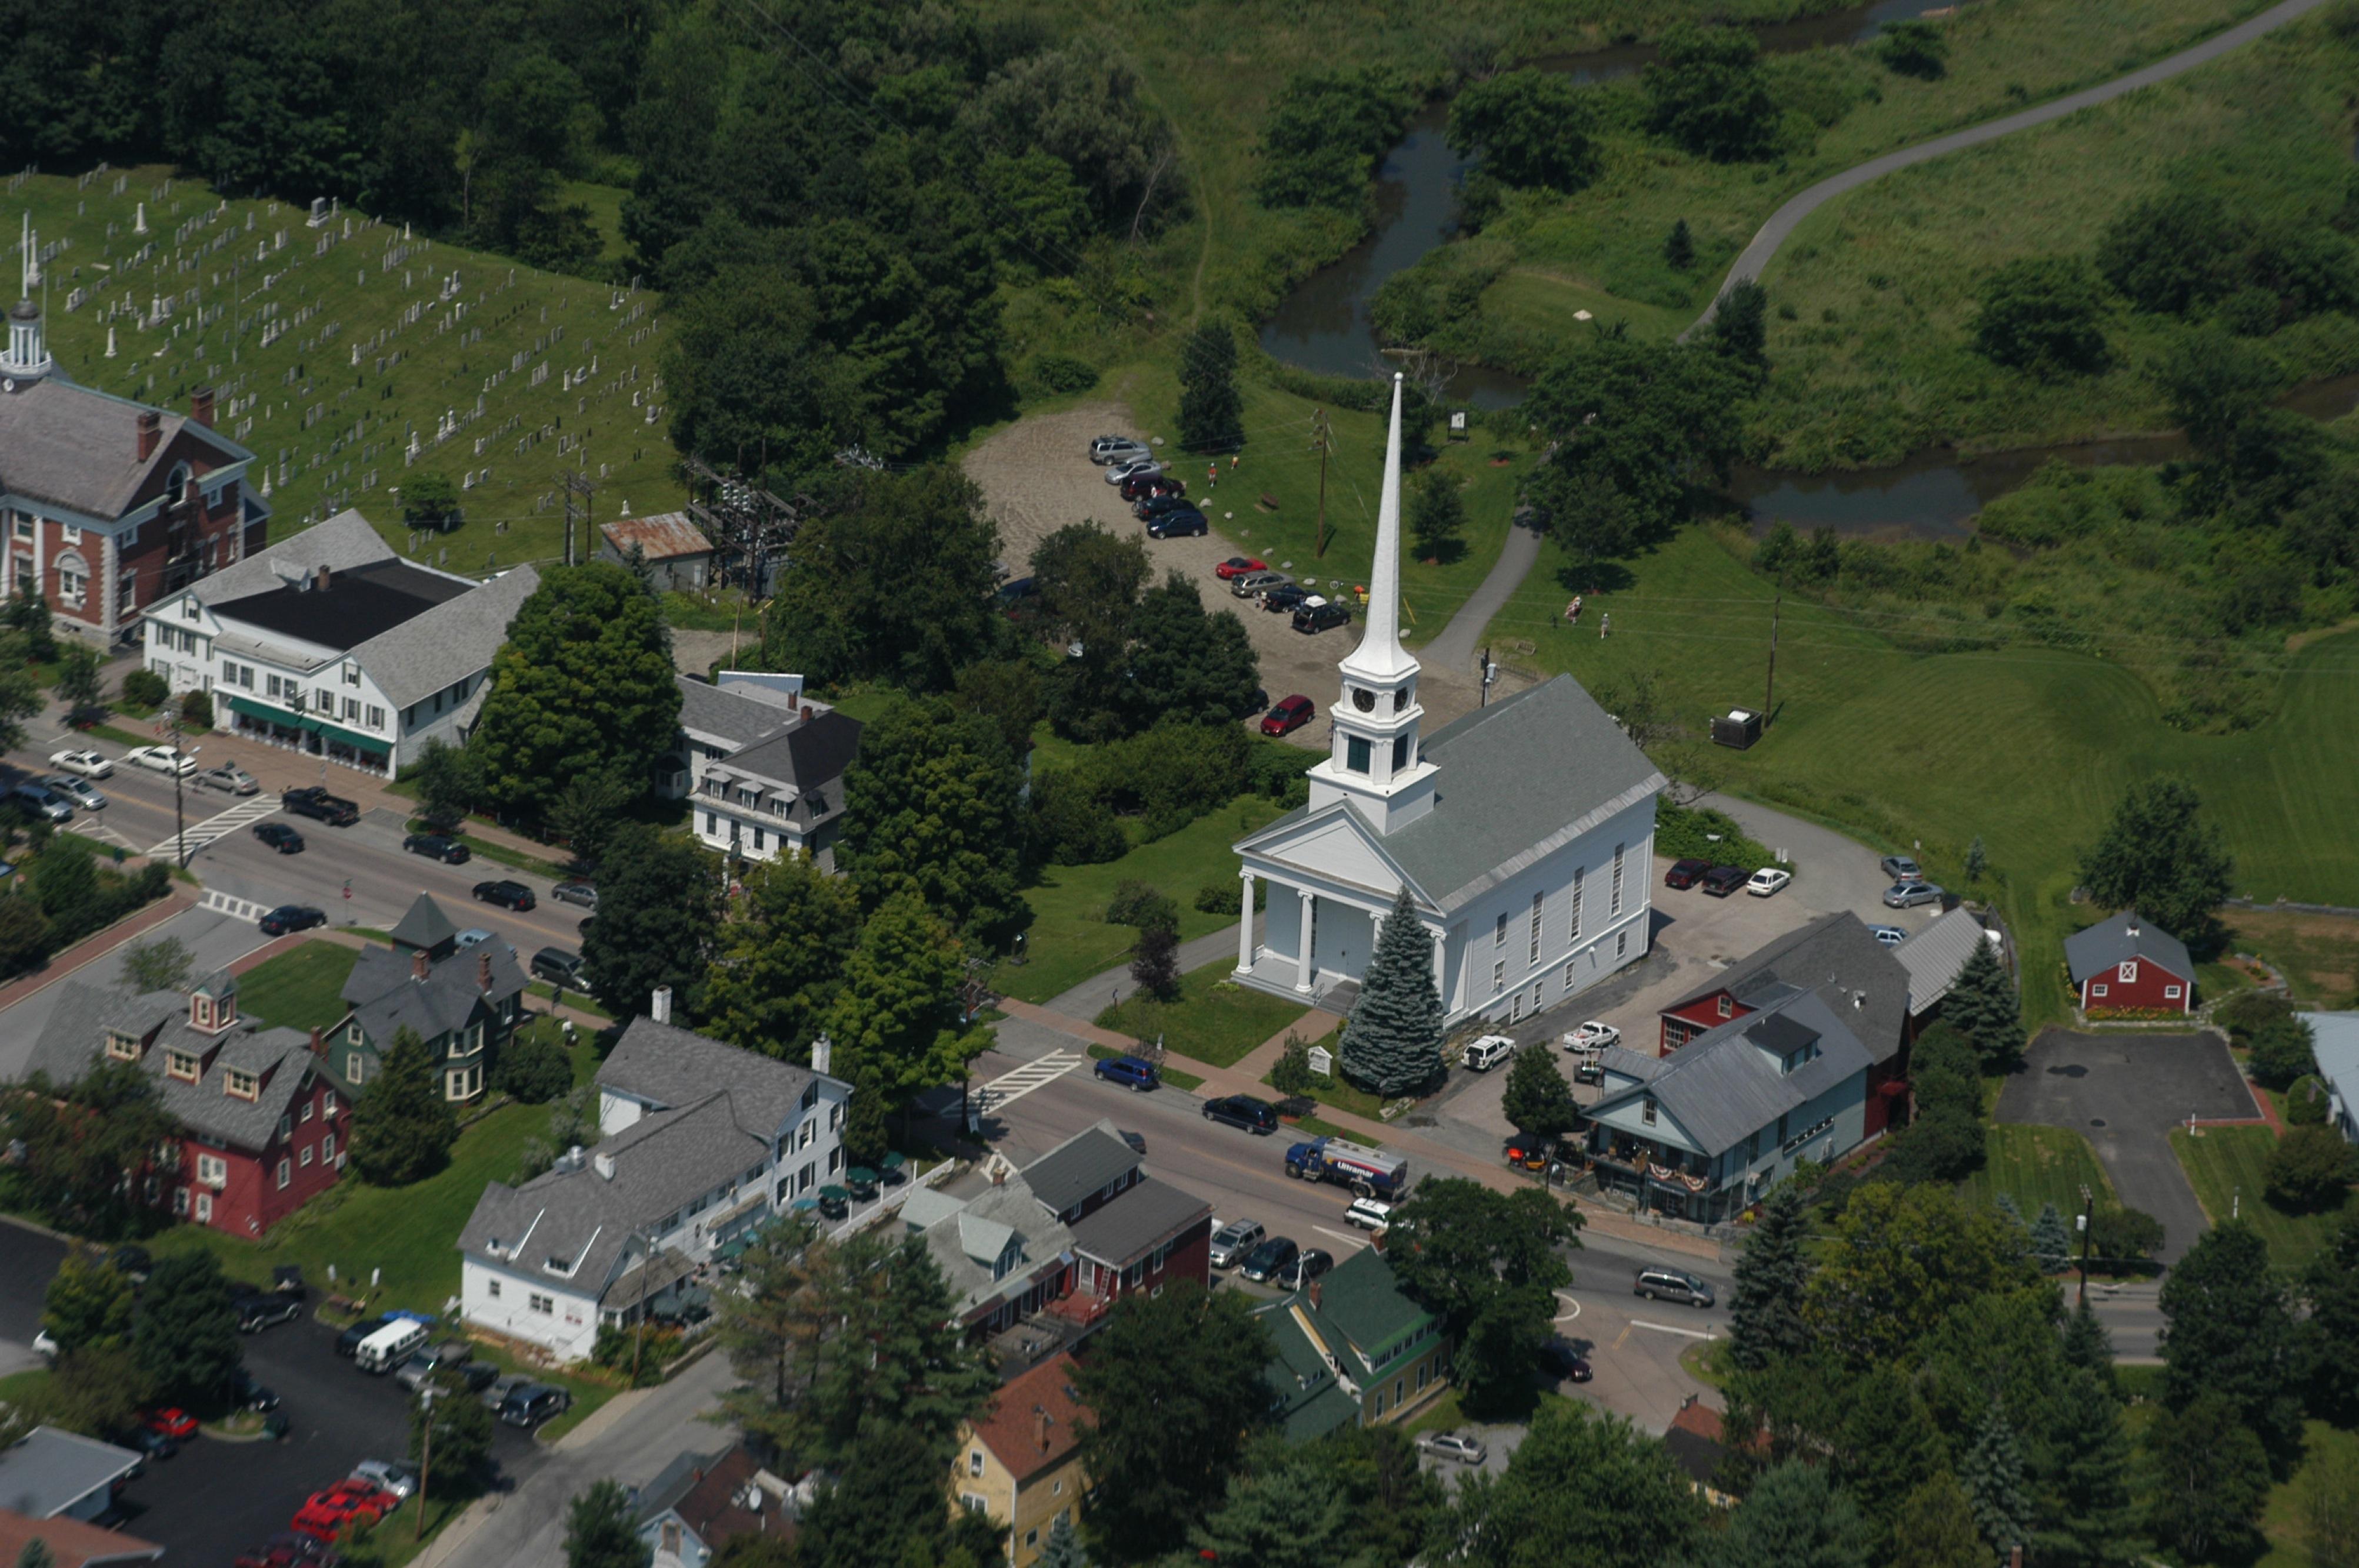 Photo Stowe Village Credit Sanders Milens